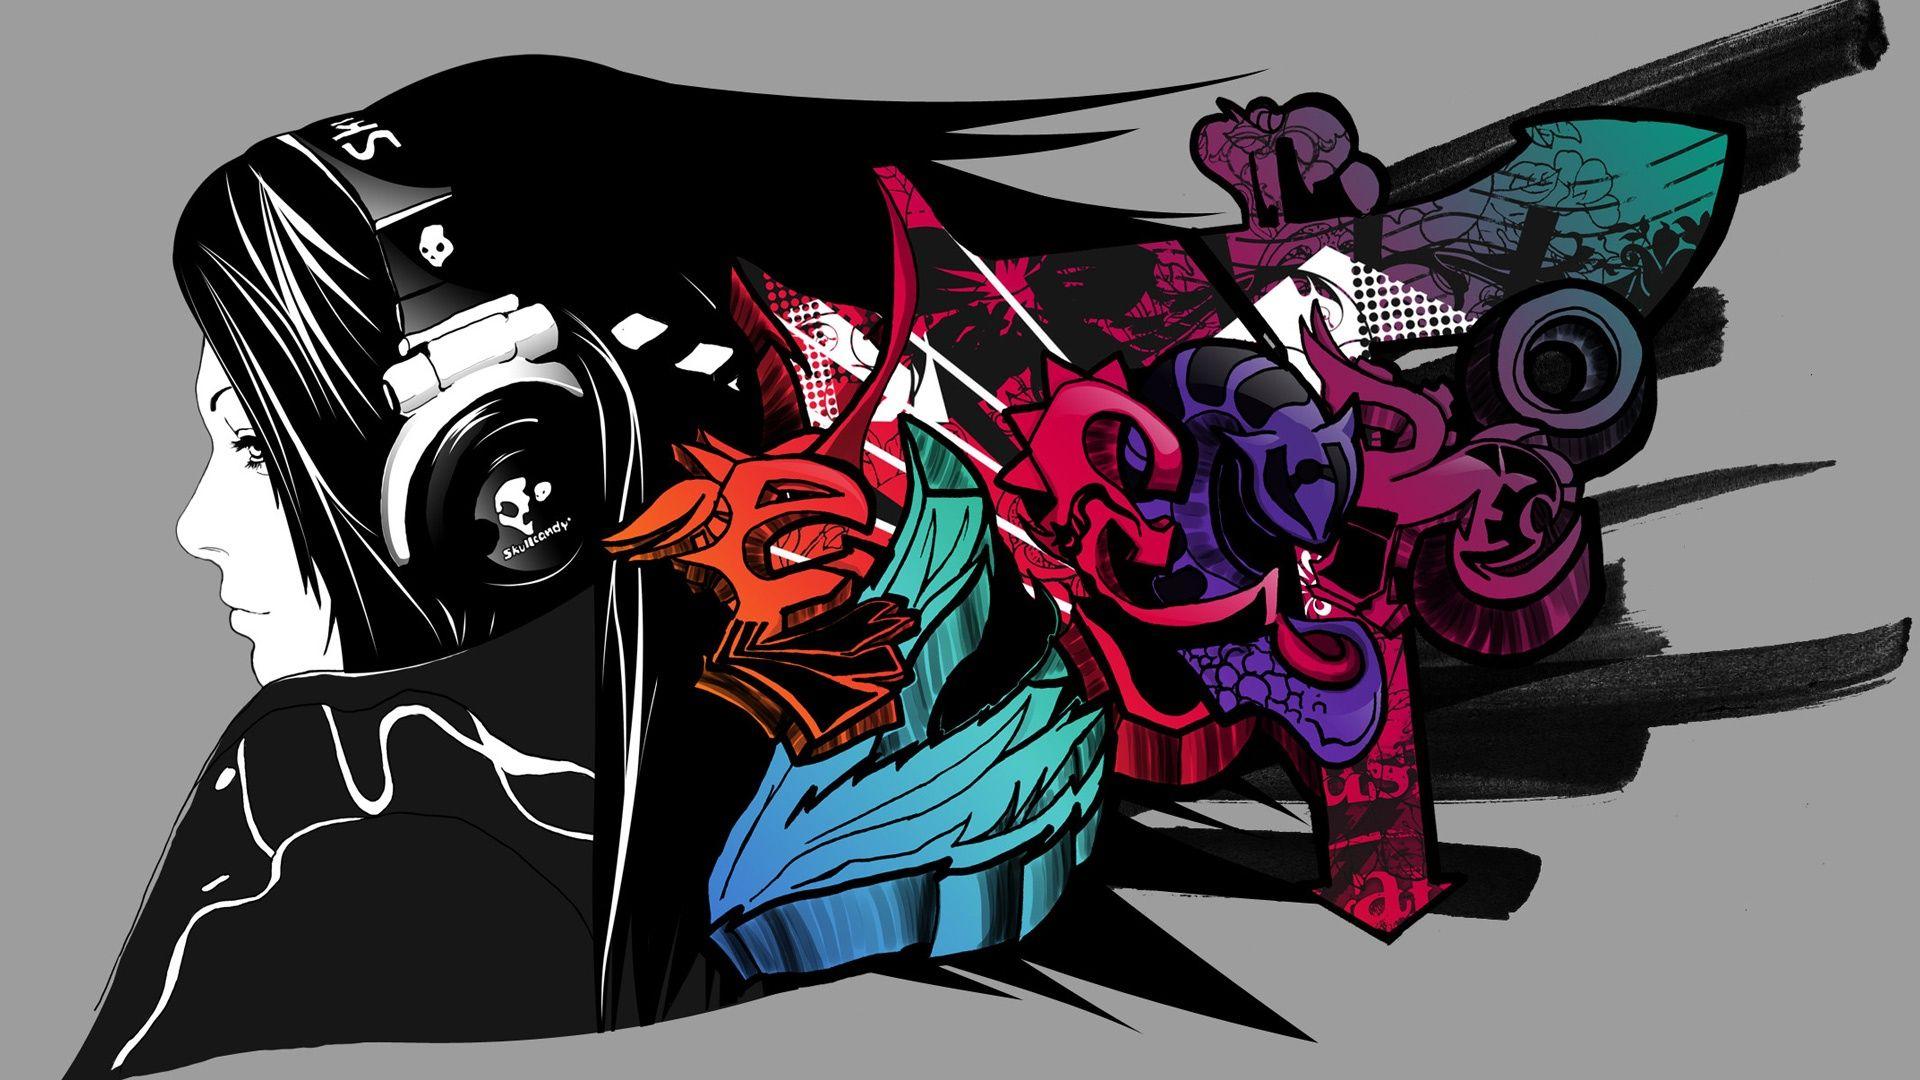 Monstercat computer wallpapers desktop backgrounds 1920x1080 id - Tremor Mortal Kombat X Desktop Wallpapers Pinterest Mortal Kombat And Hd Wallpaper